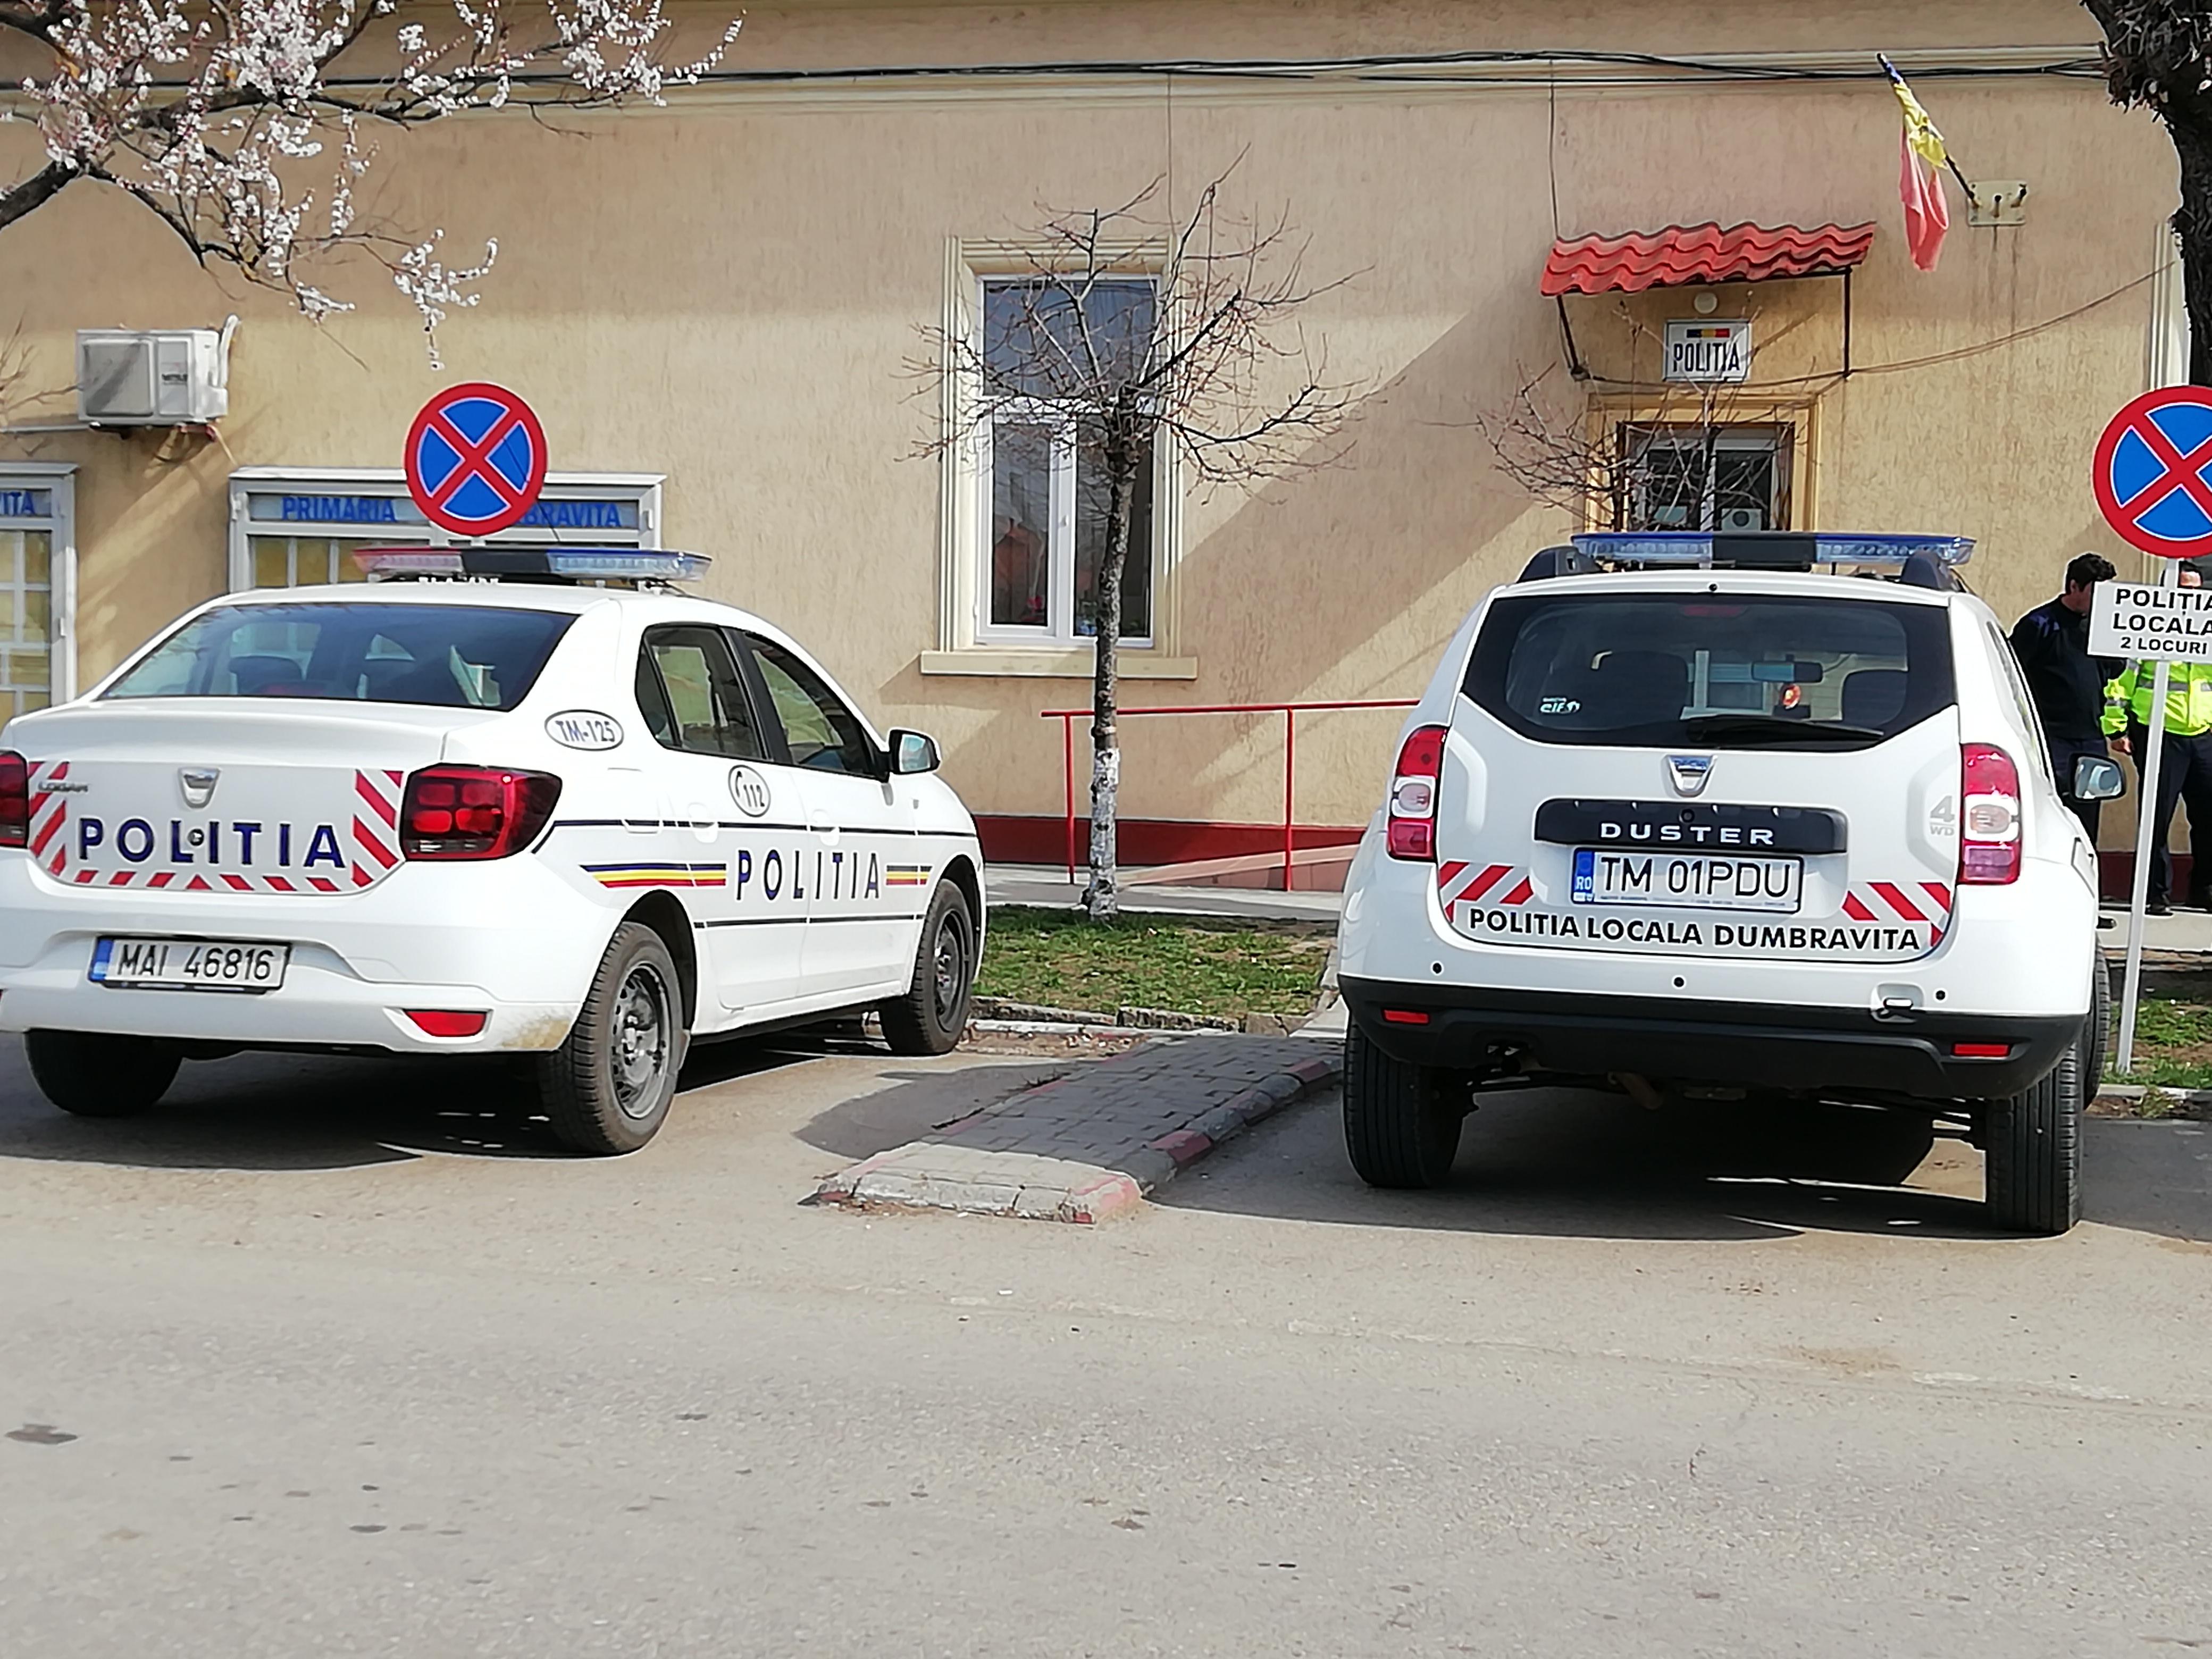 Anunț concurs pentru angajare politist local